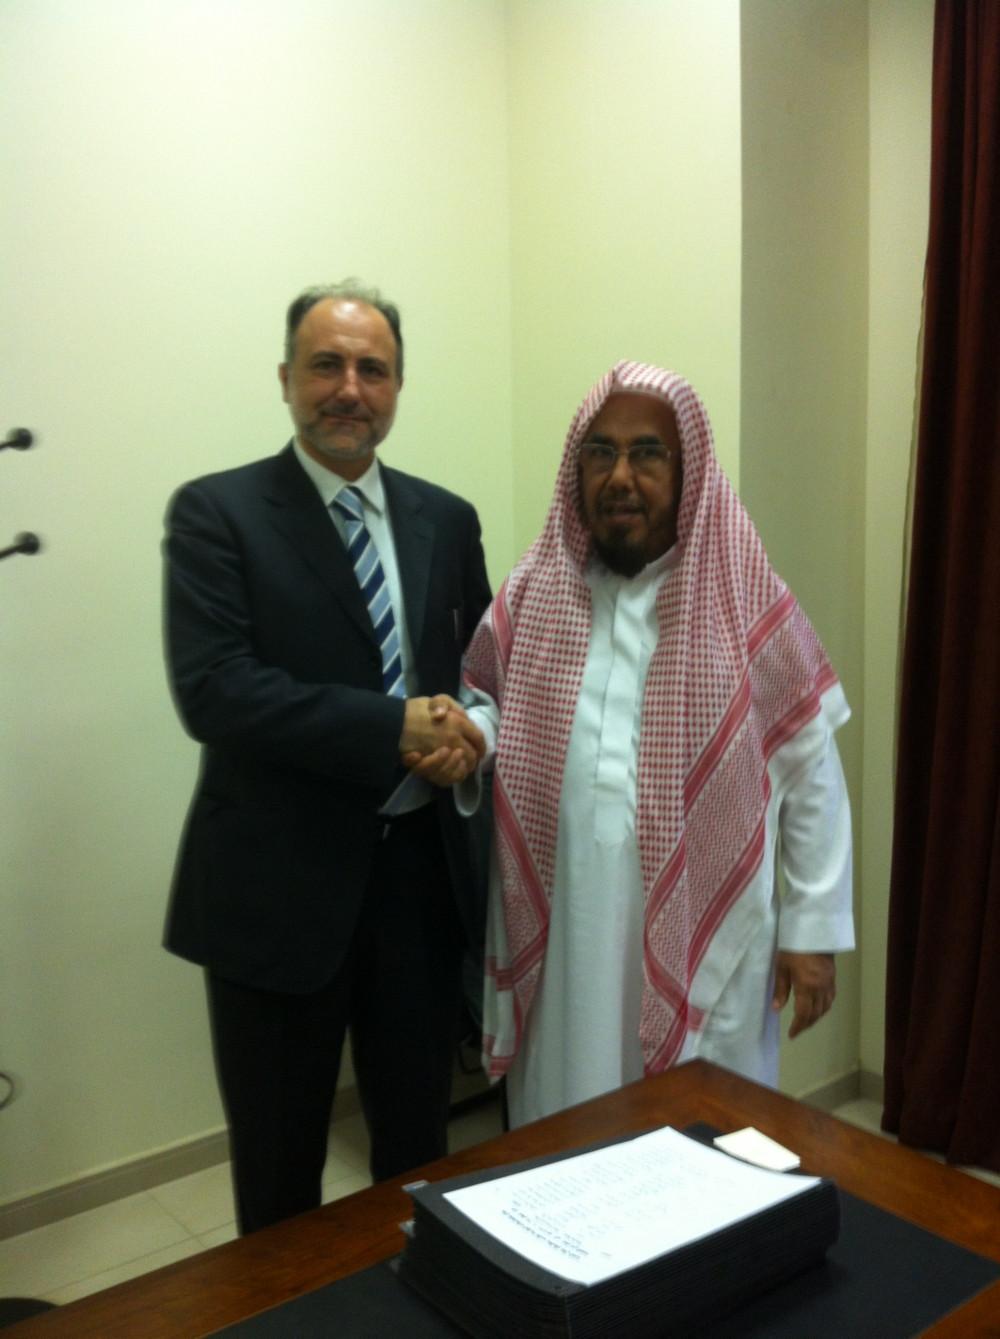 consigliere-del-re-abdullah